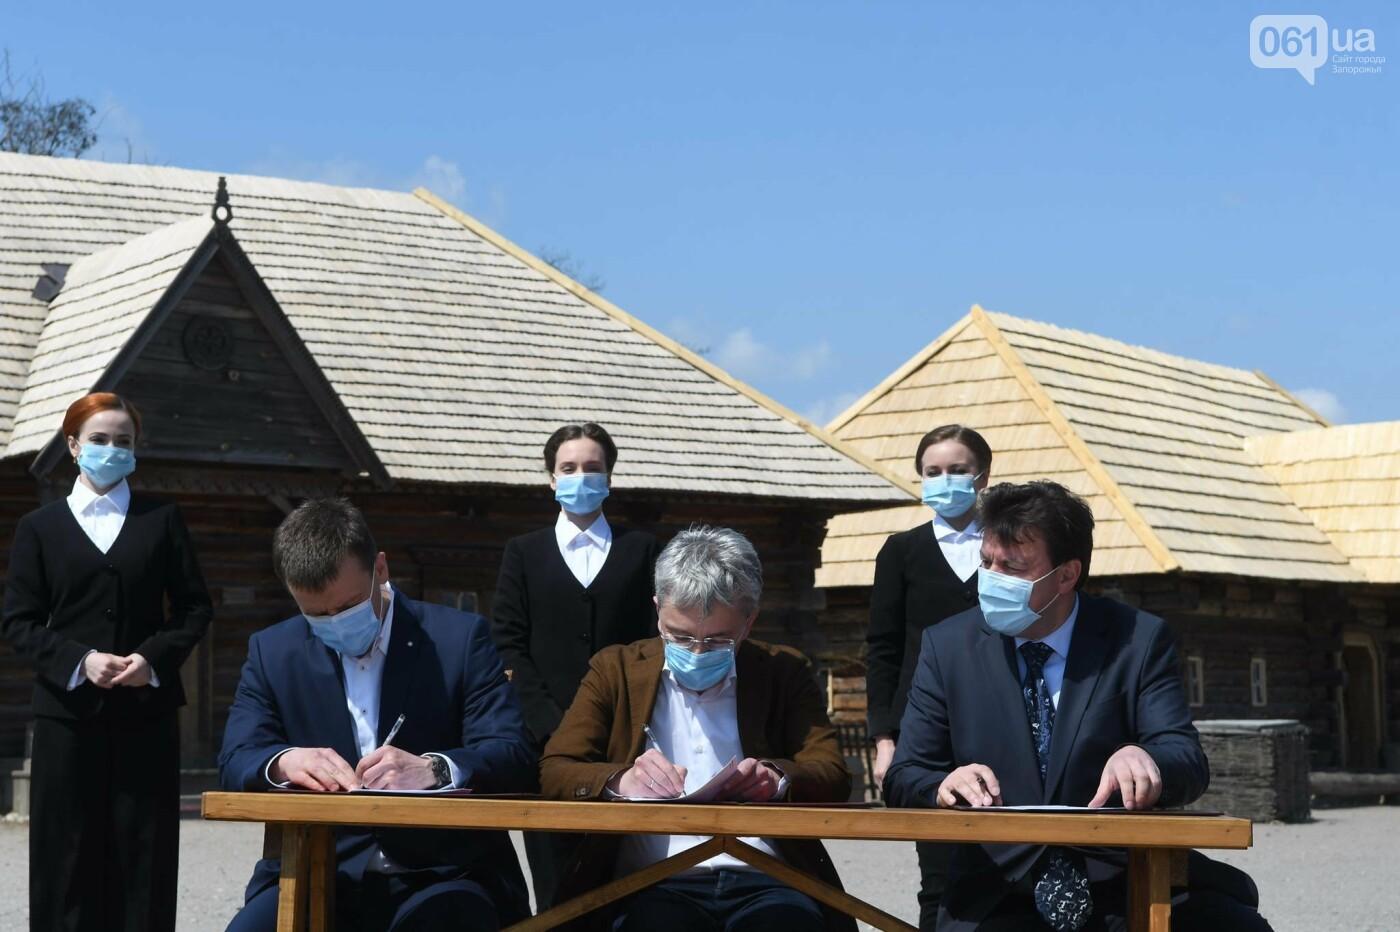 Министр культуры назвал сроки реконструкции кургана на Хортице - как будет выглядеть объект, - ФОТО, фото-10